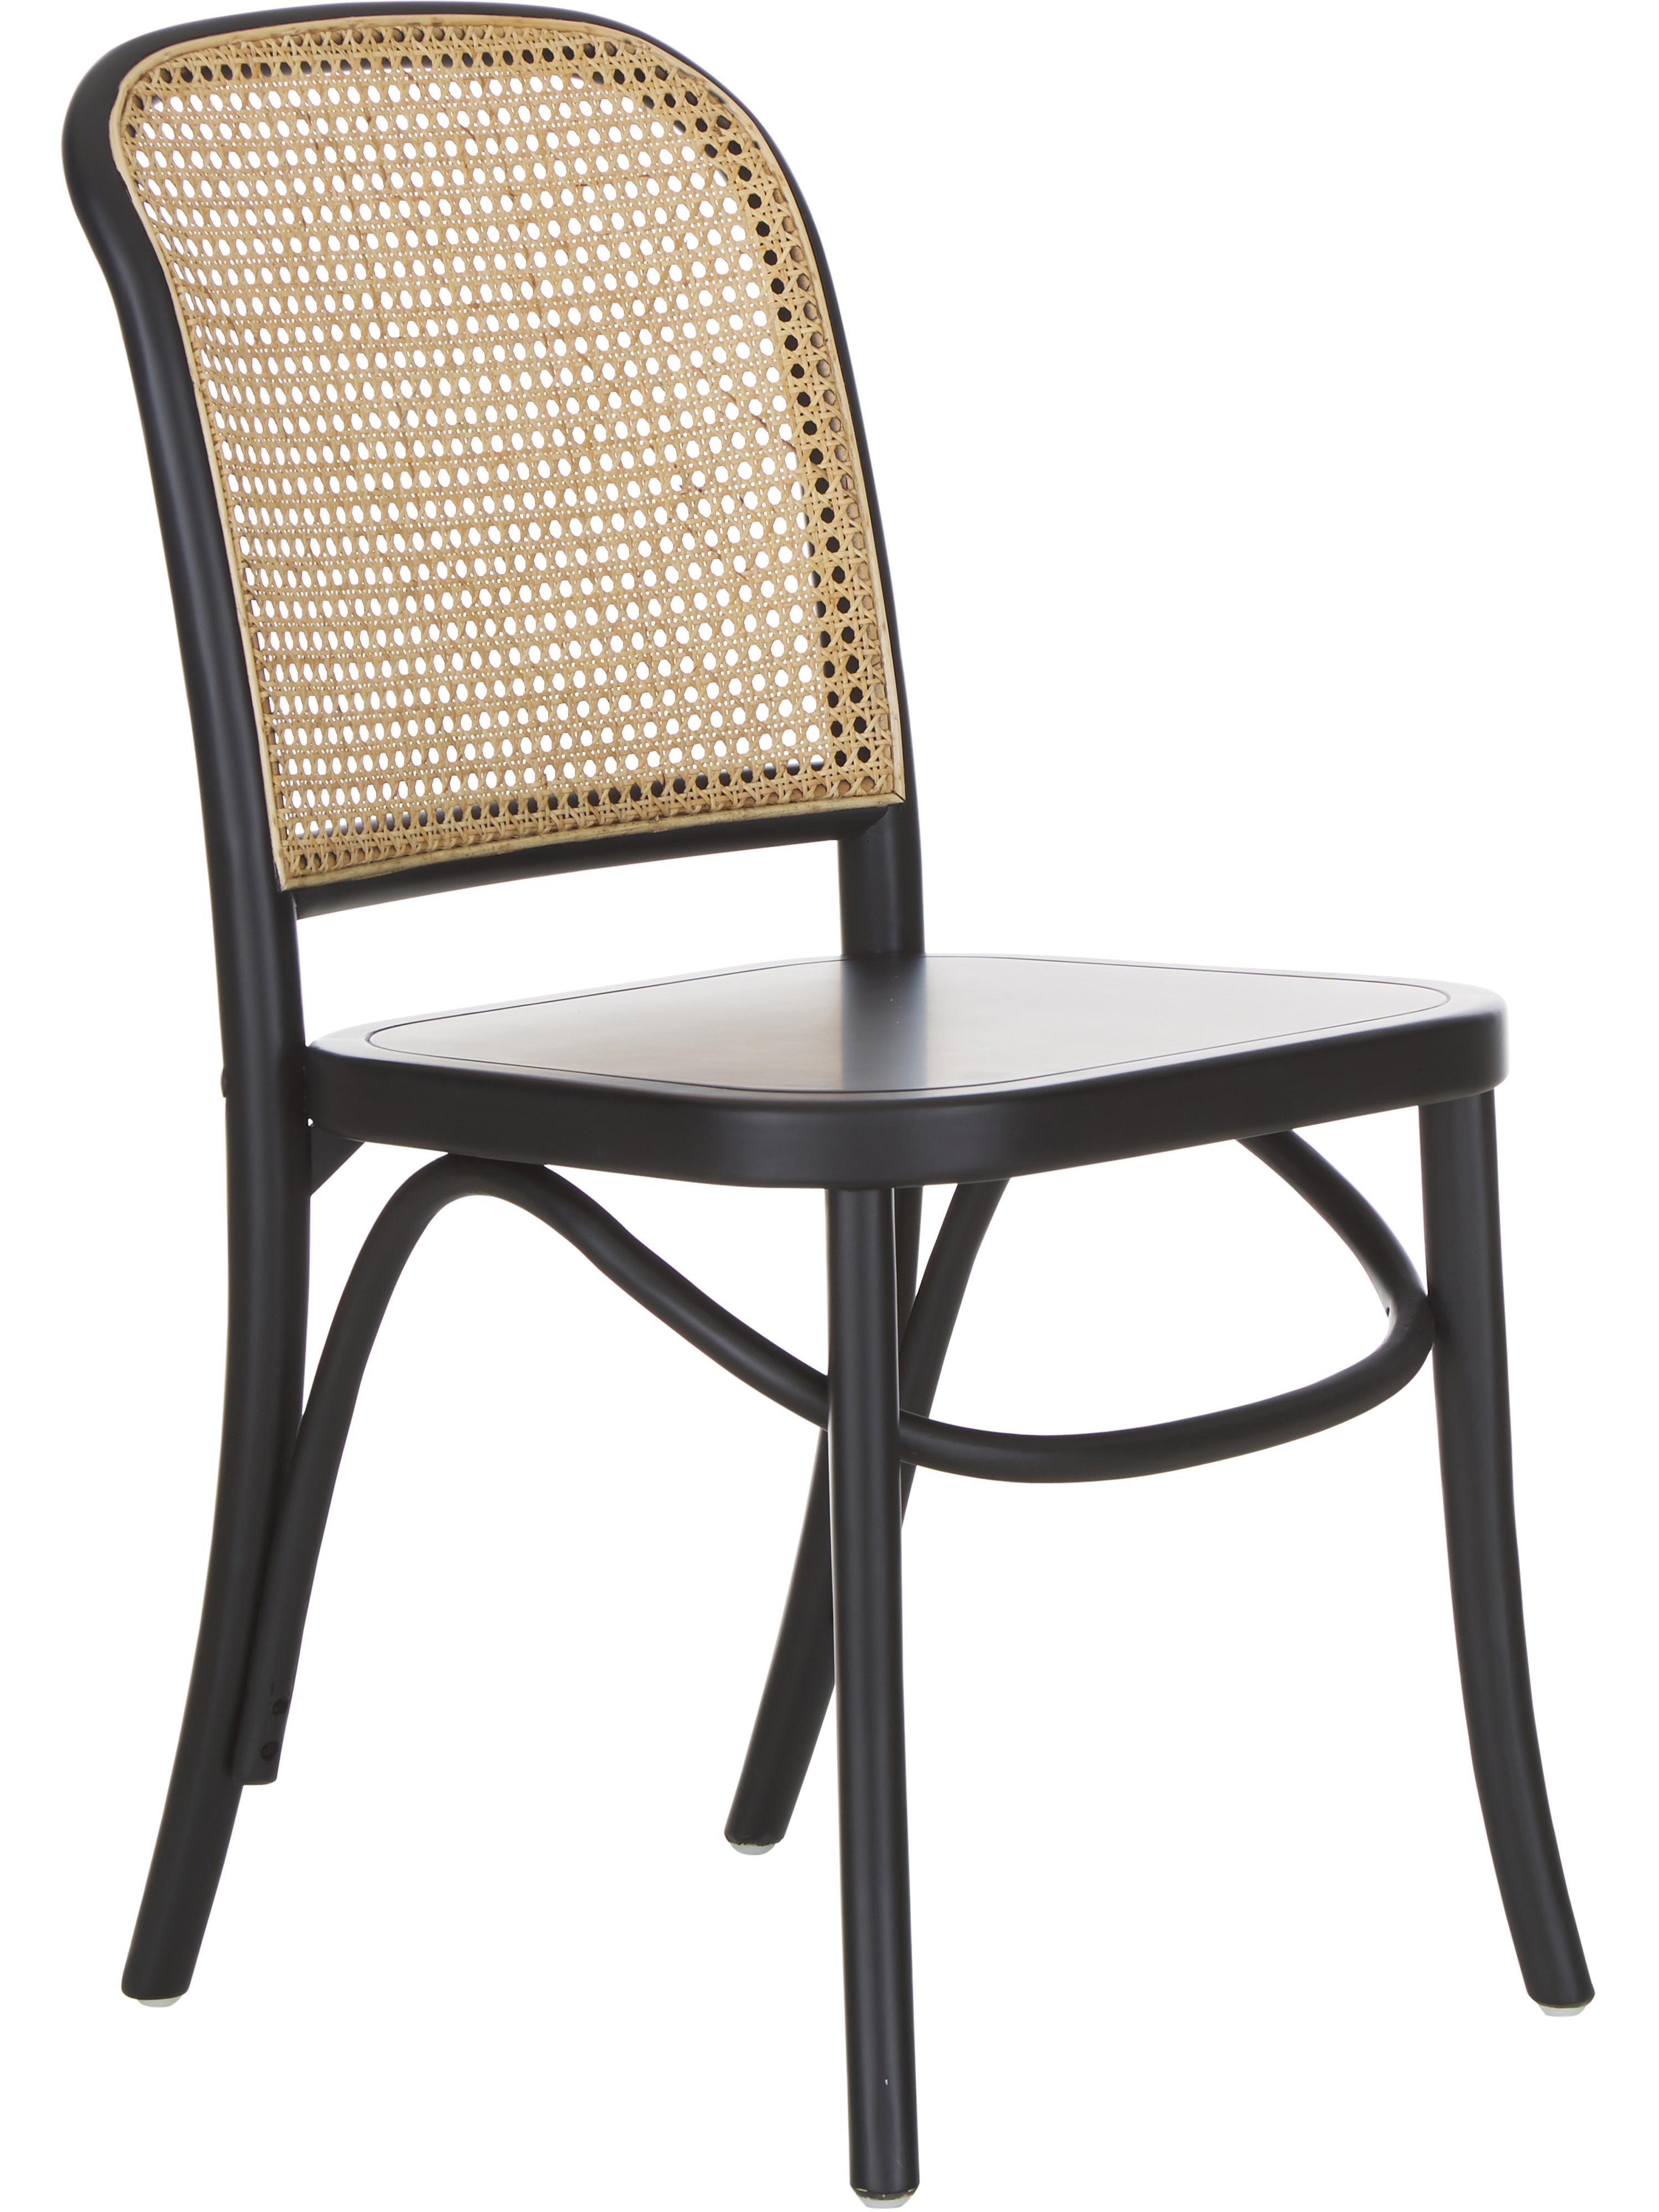 Stoel Franz met Weens vlechtwerk, Zitvlak: rotan, Frame: massief gelakt berkenhout, Zitvlak: rotankleurig. Frame: zwart gelakt berkenhout, B 48  x D 59 cm